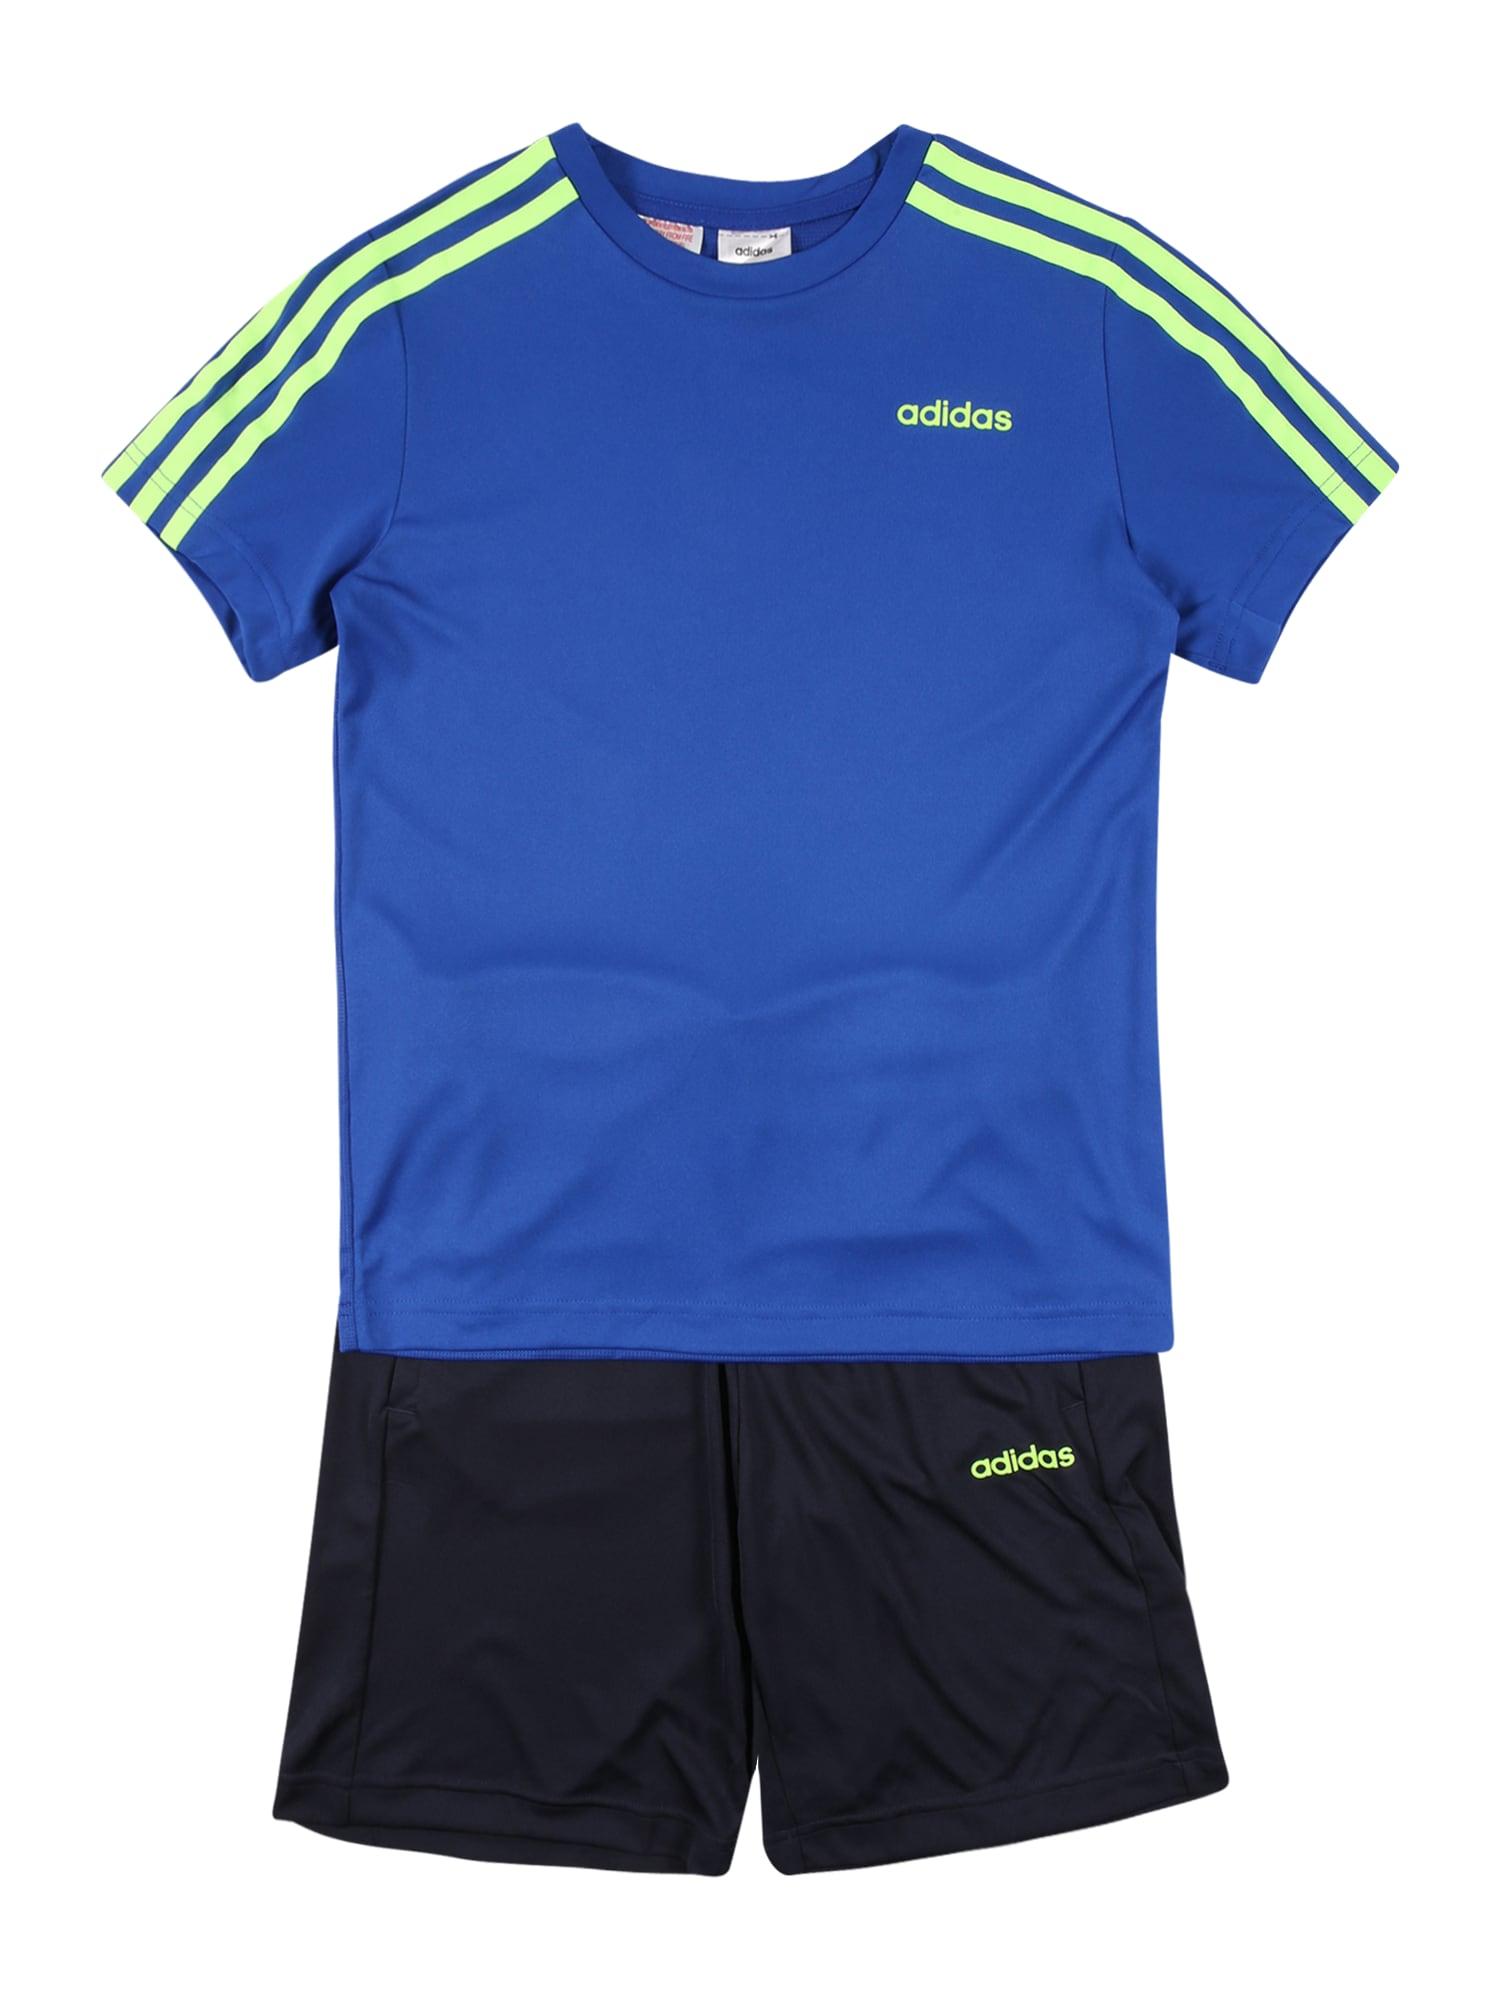 """ADIDAS PERFORMANCE Sportinis kostiumas nakties mėlyna / balta / sodri mėlyna (""""karališka"""") / neoninė žalia"""